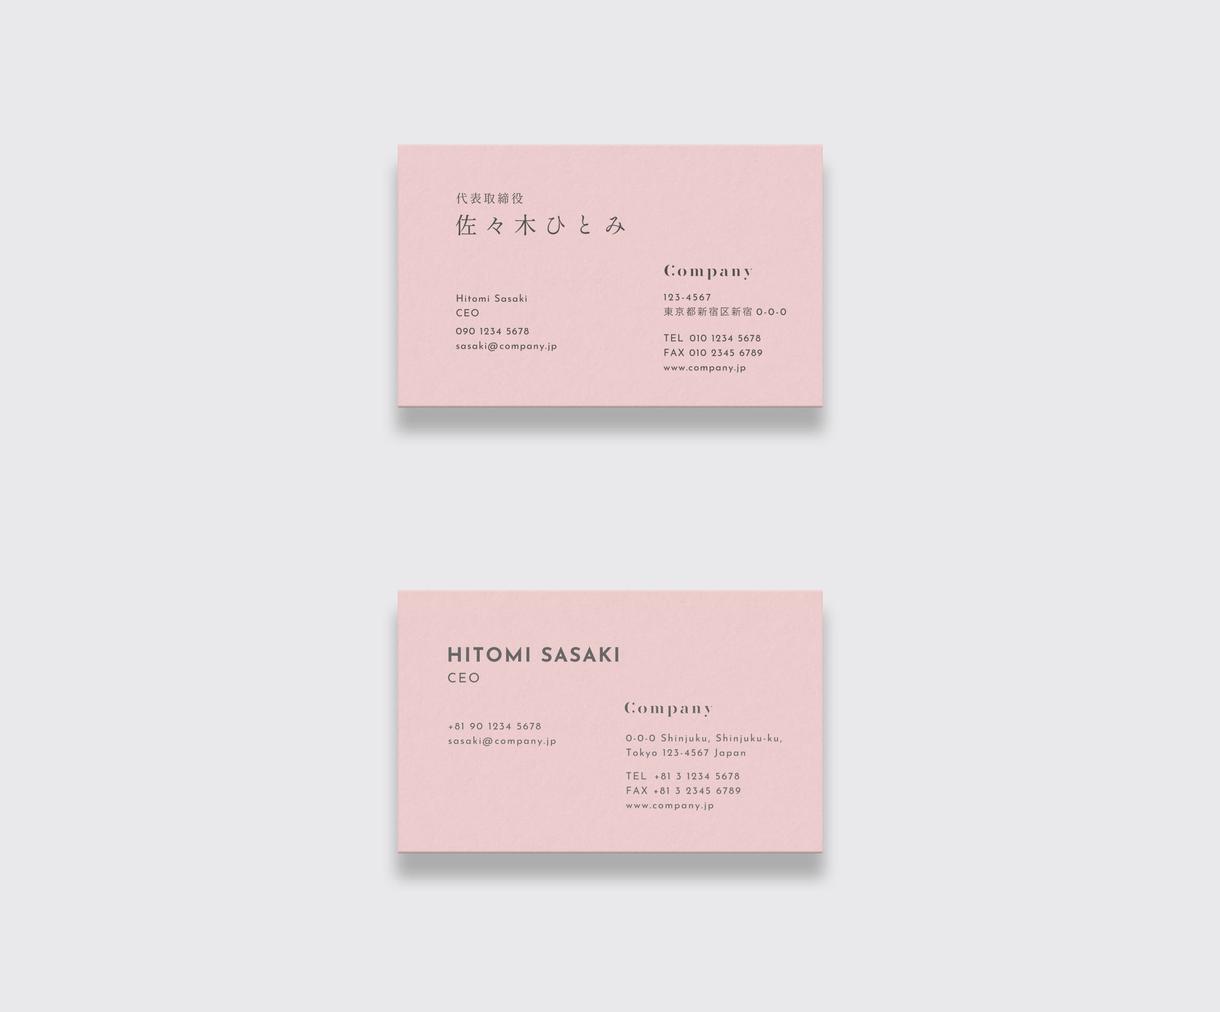 オリジナルの洗練されたシンプルな名刺を作れます 【大好評】プロ仕様の名刺/カードをもっと気軽に。